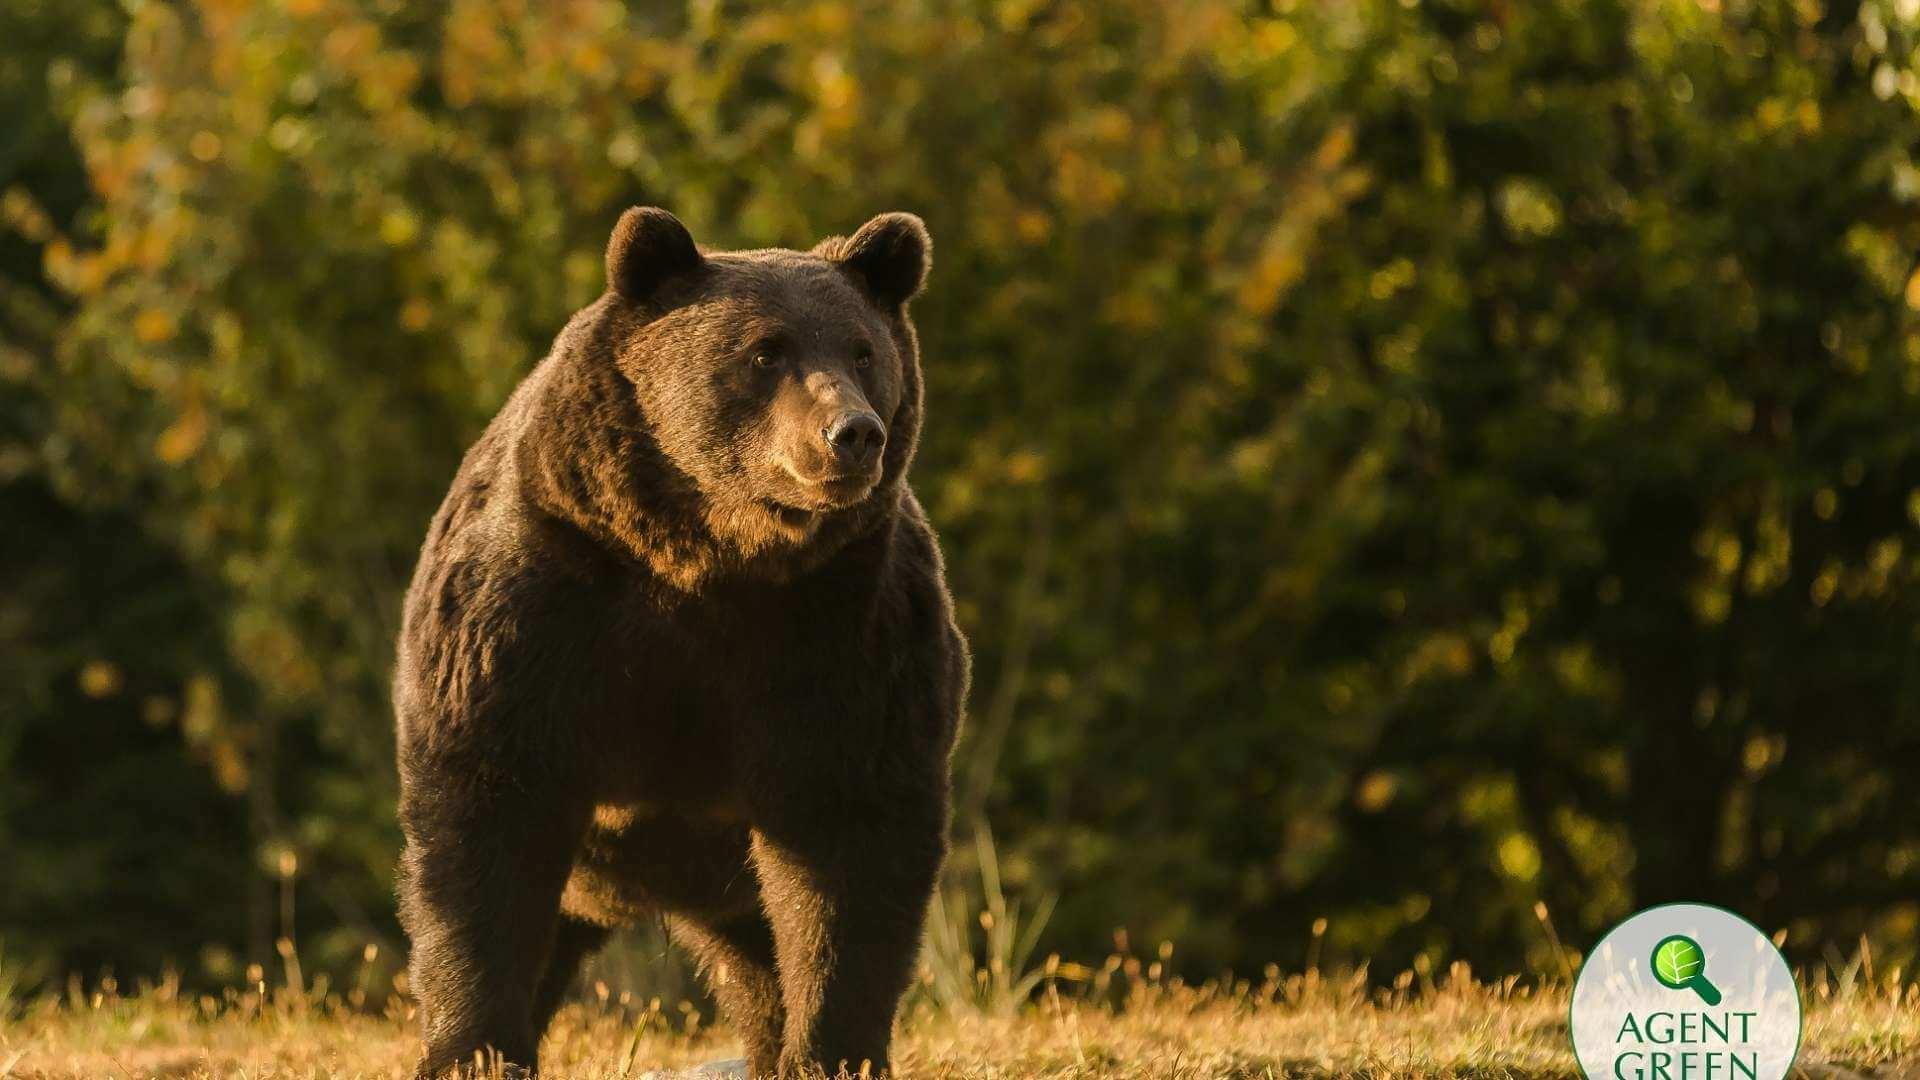 Controverse în jurul ursului brun ucis în Covasna. Activiștii de mediu spun că este vorba despre cel mai mare urs brun din țară, iar ministrul Mediului spune ca nu se poate pronunța